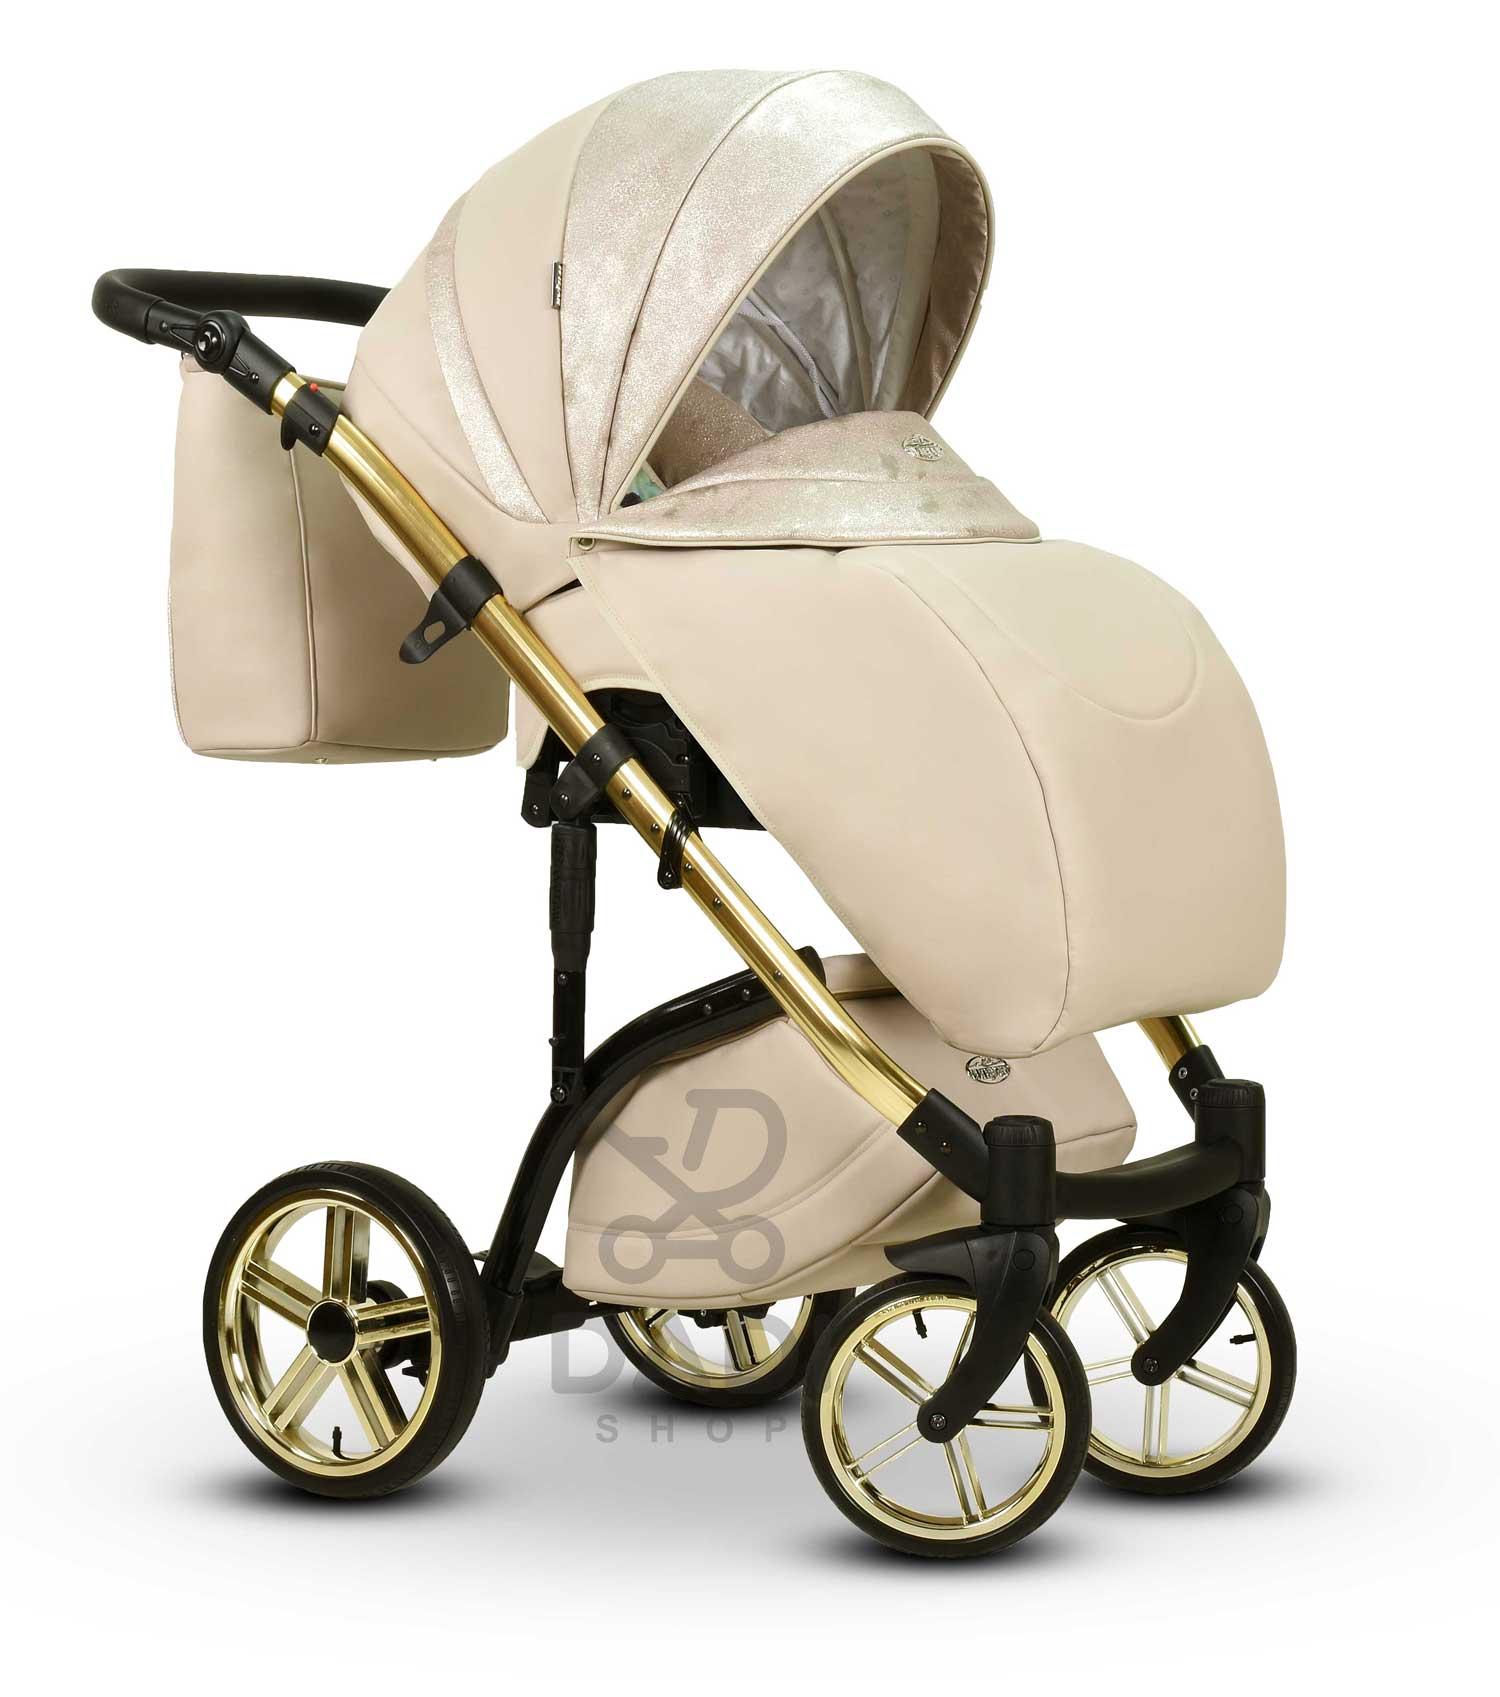 wózek dziecięcy Moloka Duo wielofunkcyjny Wiejar spacerowy